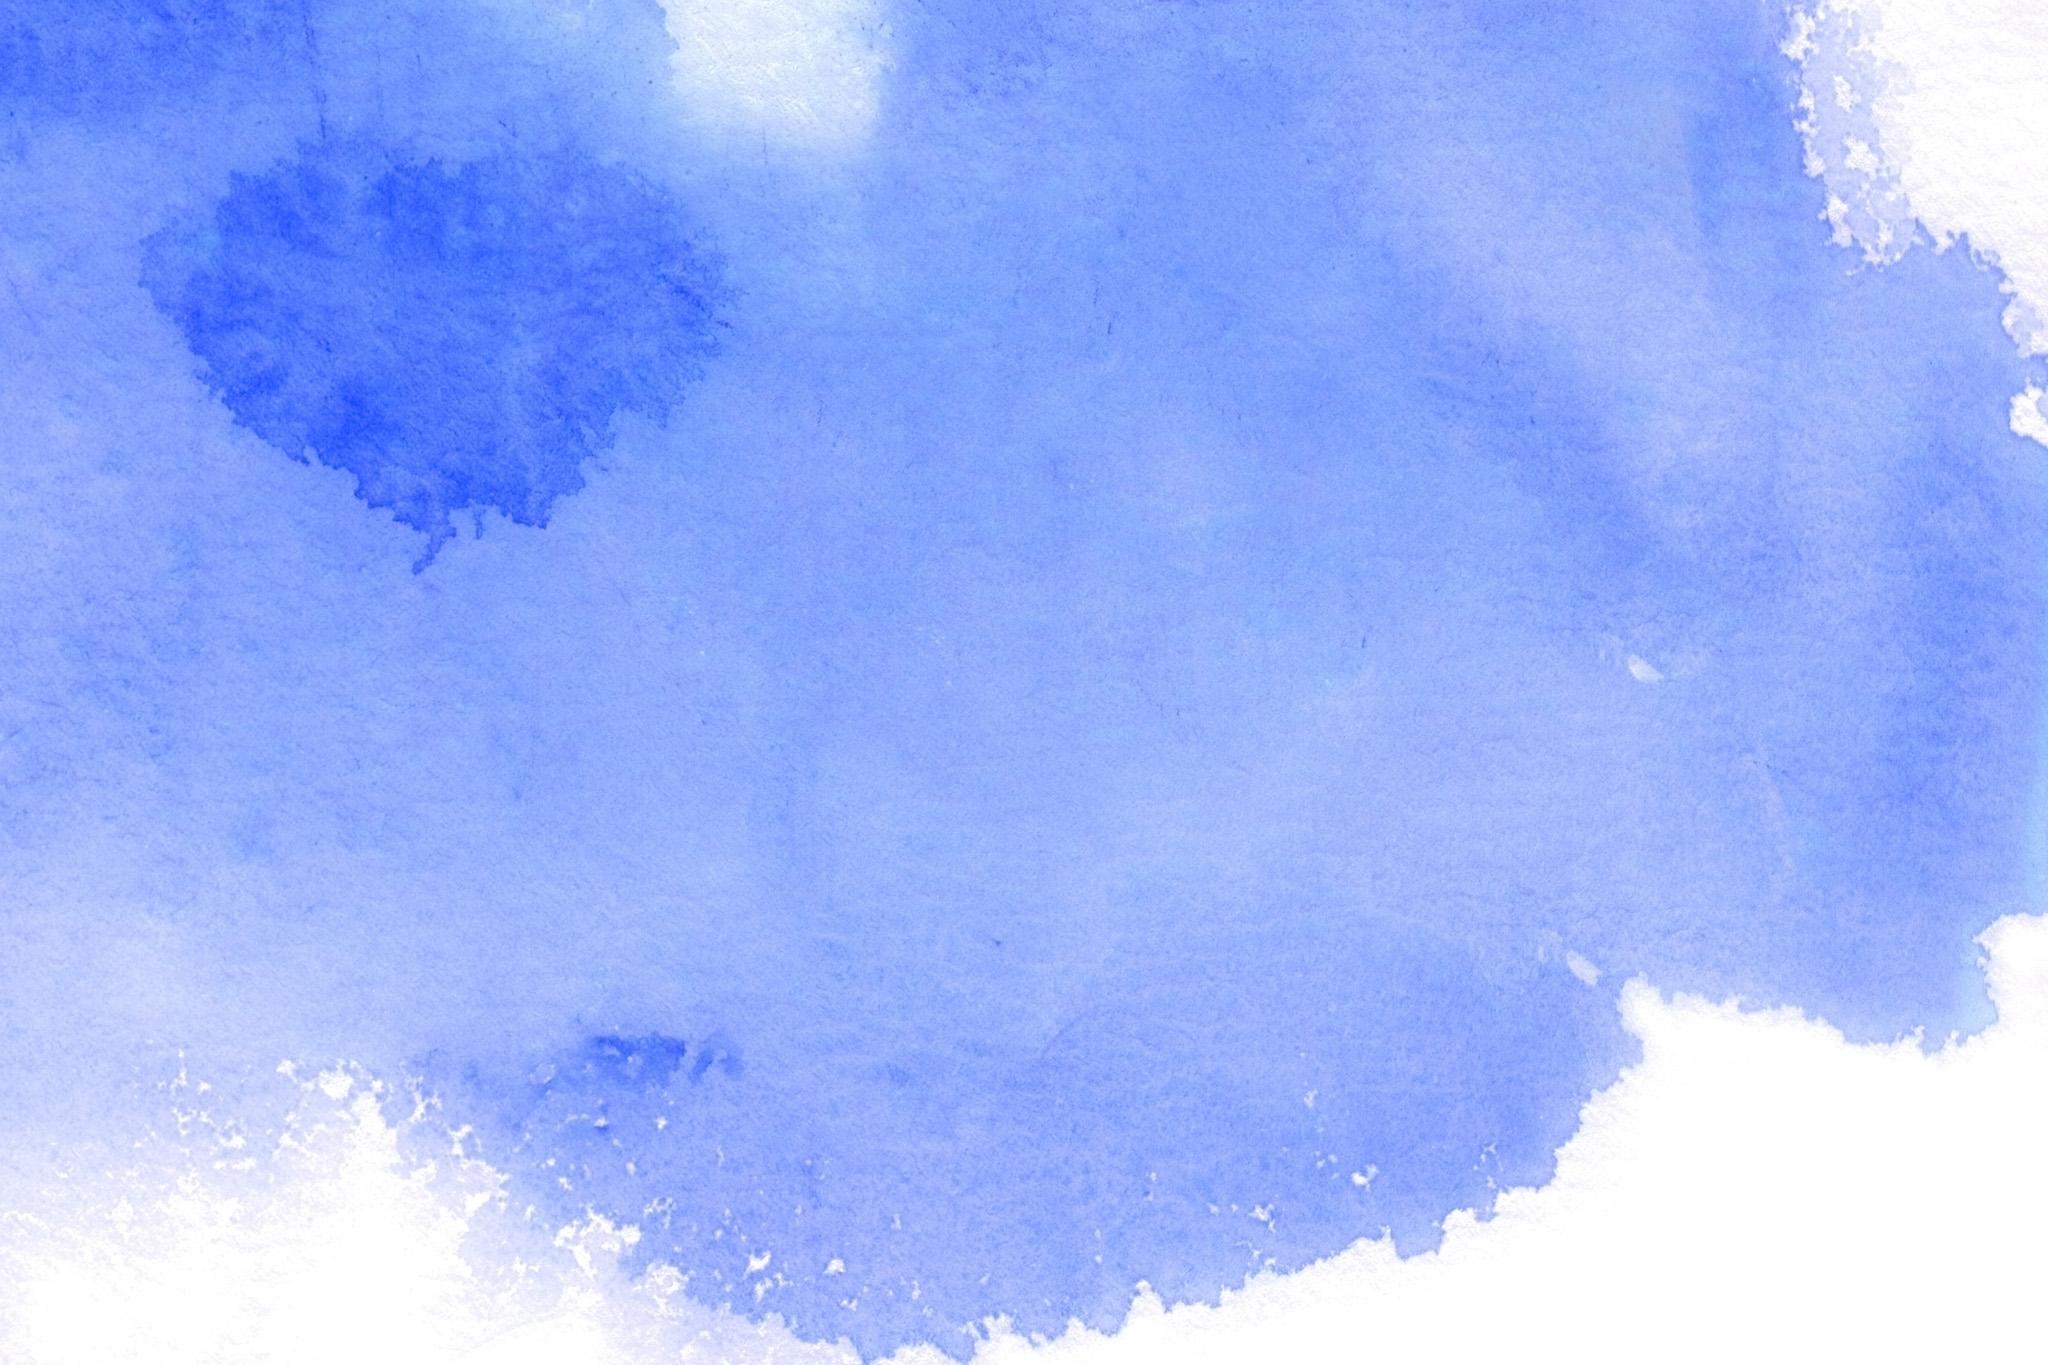 「ウルトラマリンブルーの水彩薄塗り」